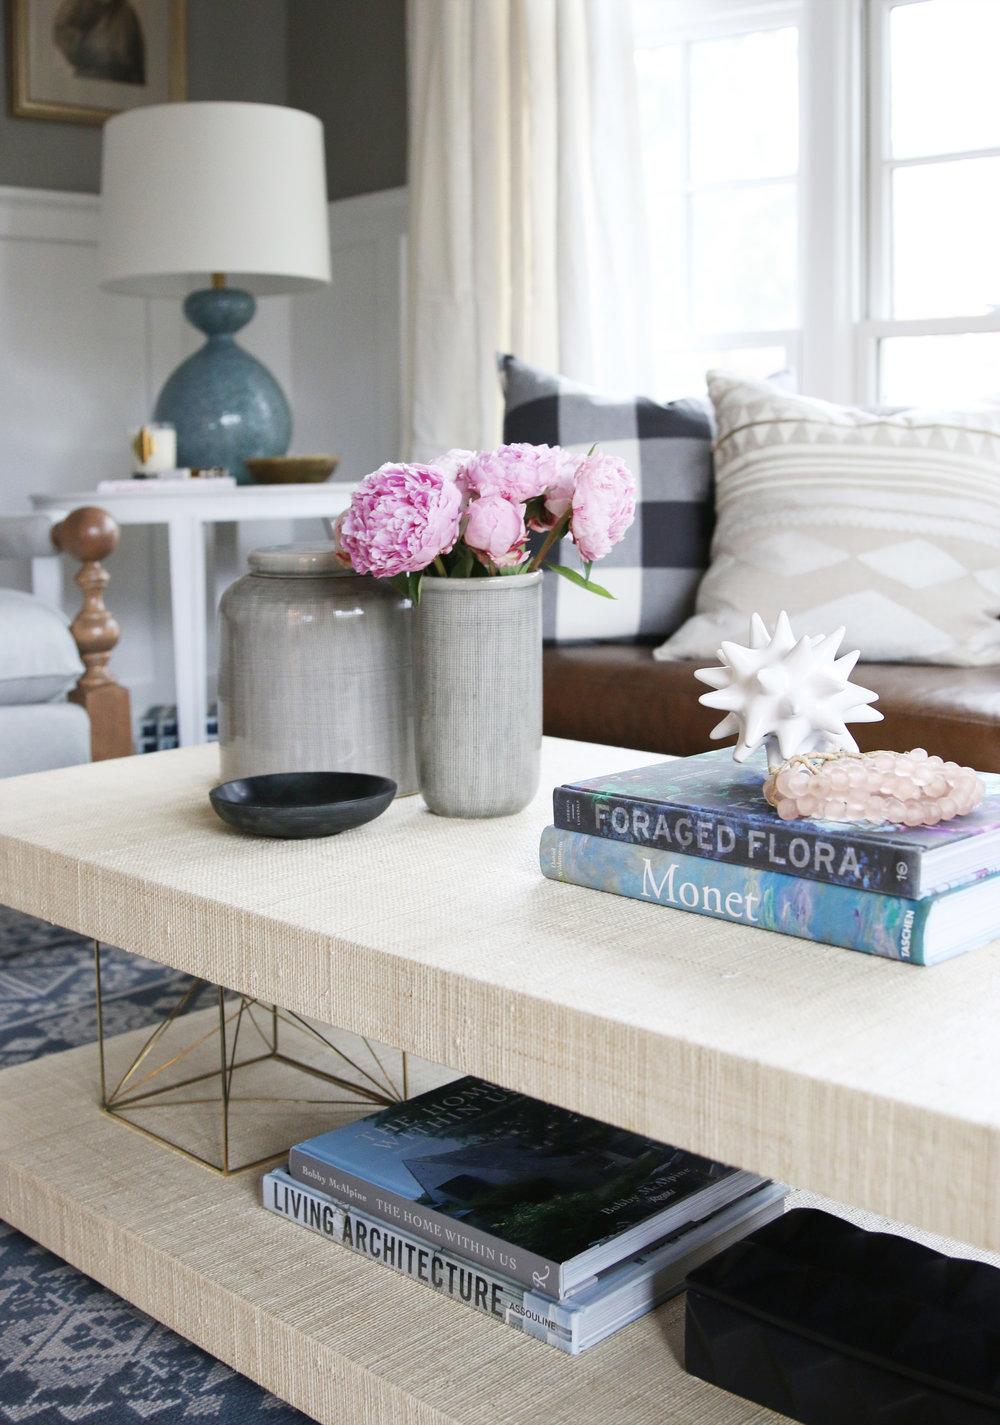 Double shelf on coffee table